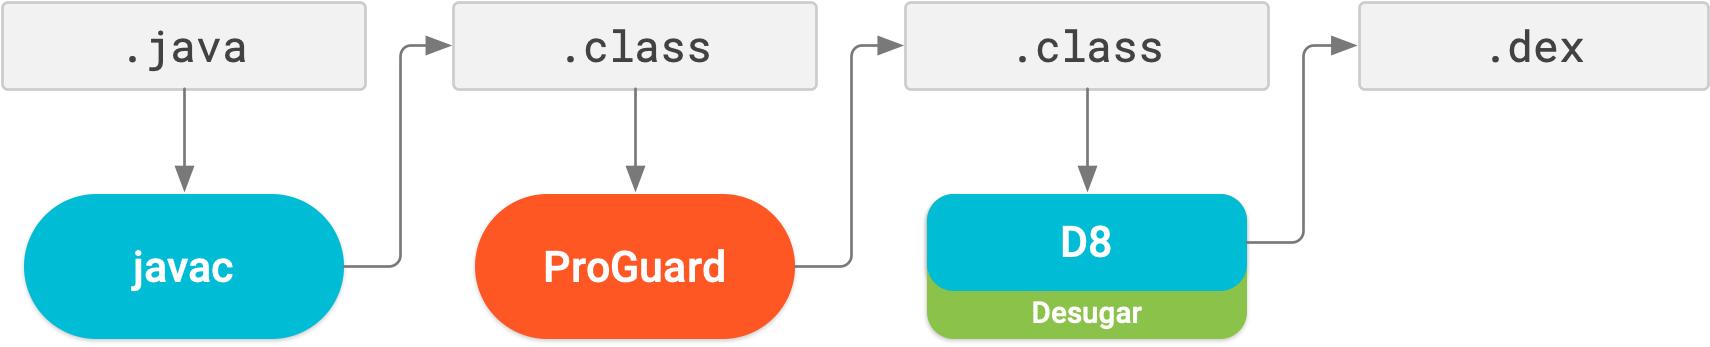 Sebelum R8, ProGuard adalah langkah kompilasi yang berbeda dari dexing dan           desugaring.